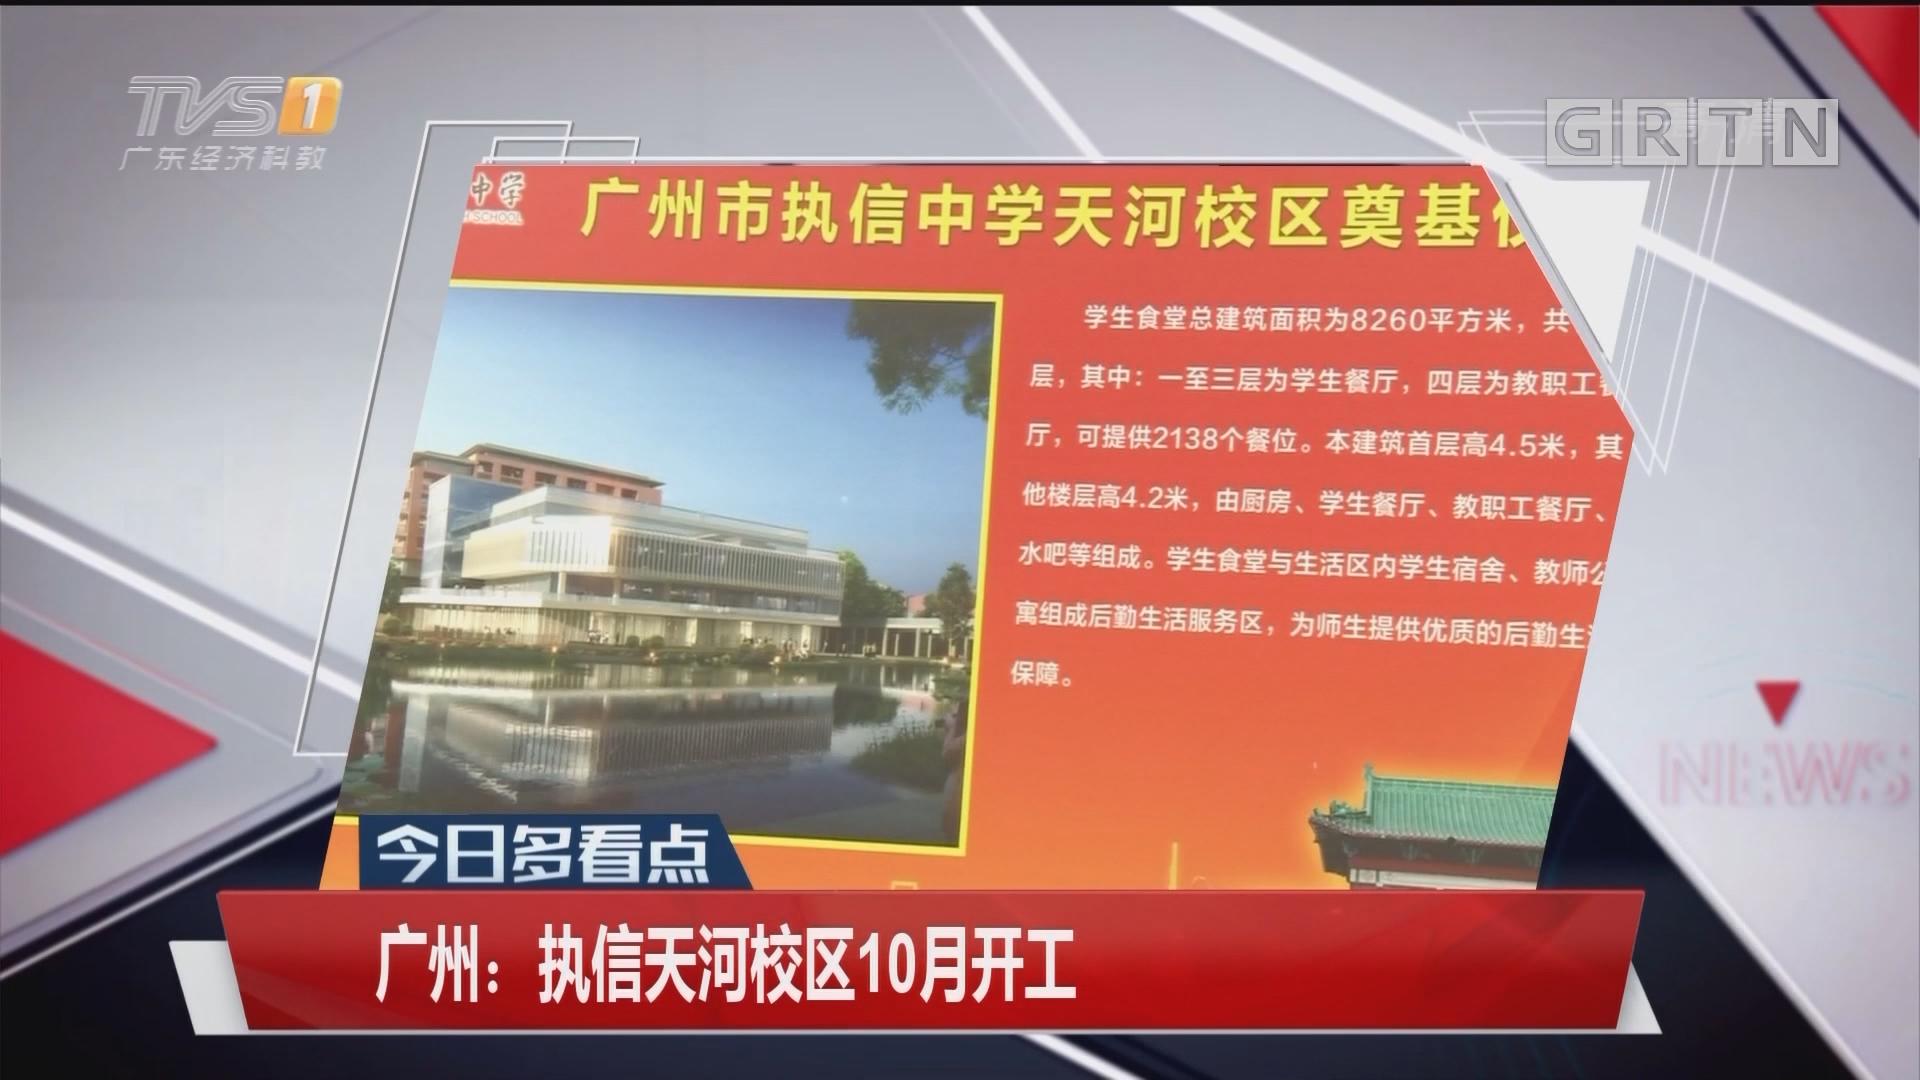 广州:执信天河校区10月开工